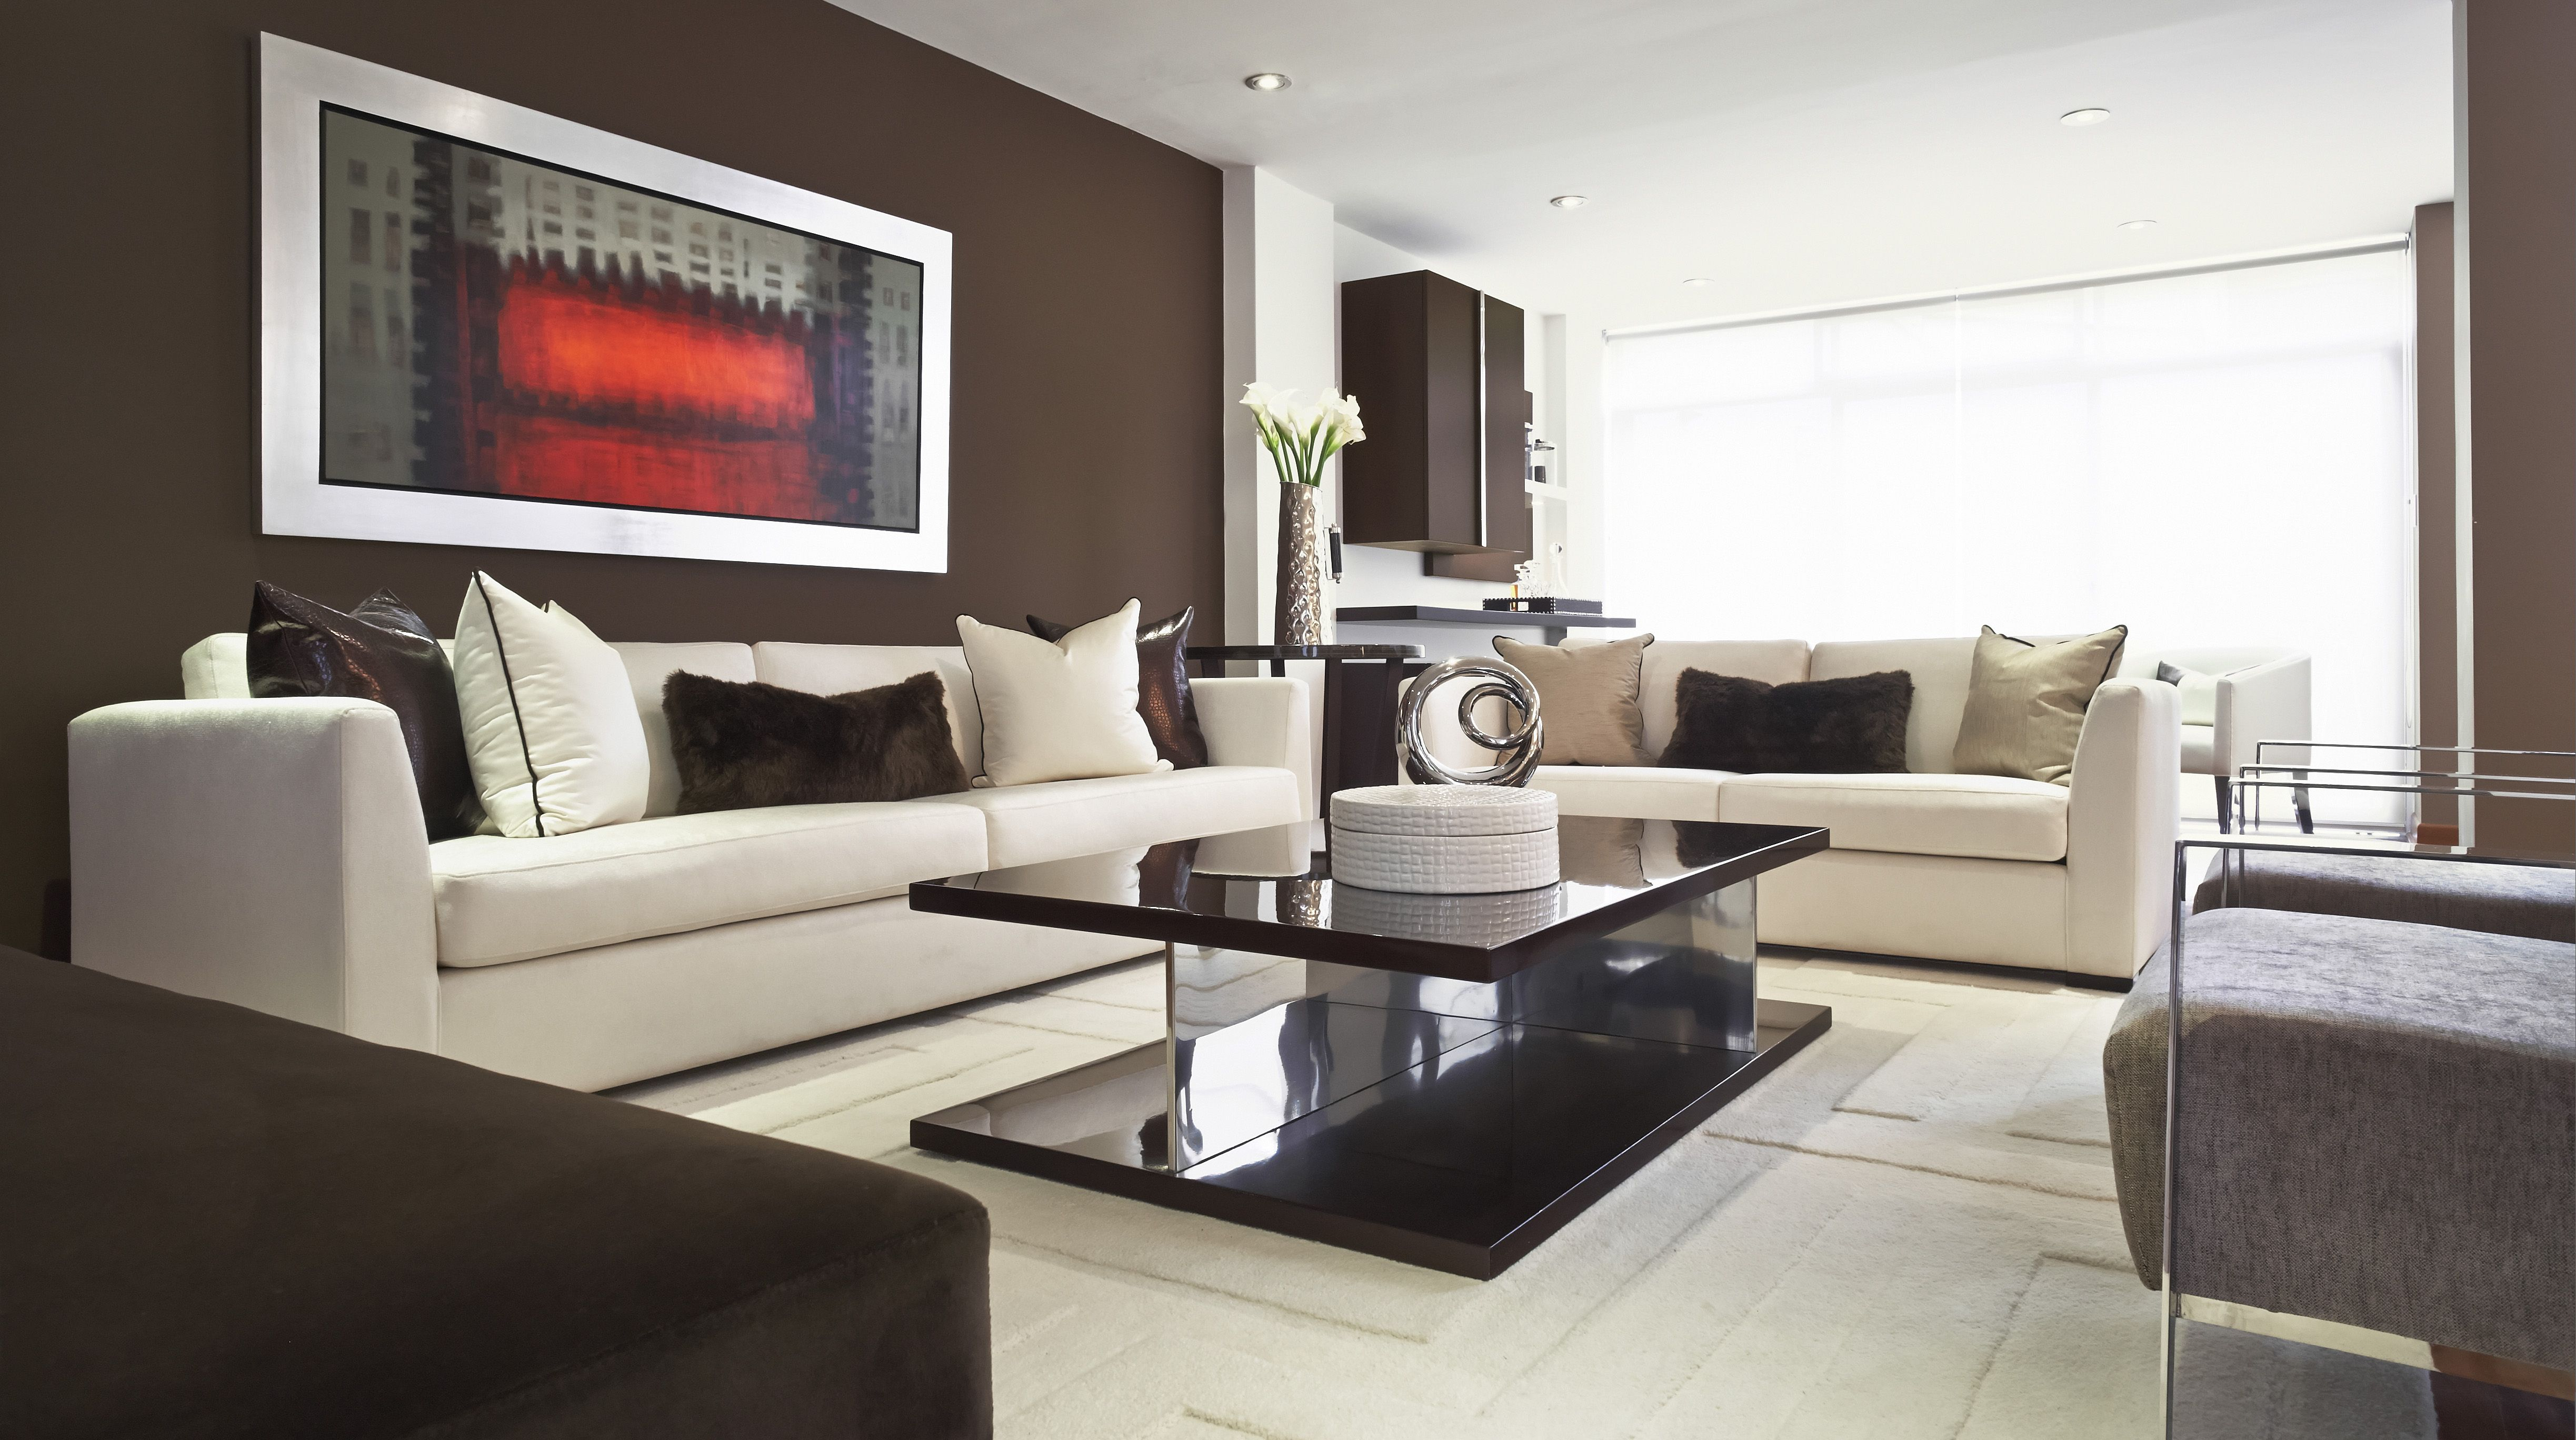 Sala principal de nuestro proyecto en surco lima sof for Diseno de interiores lima